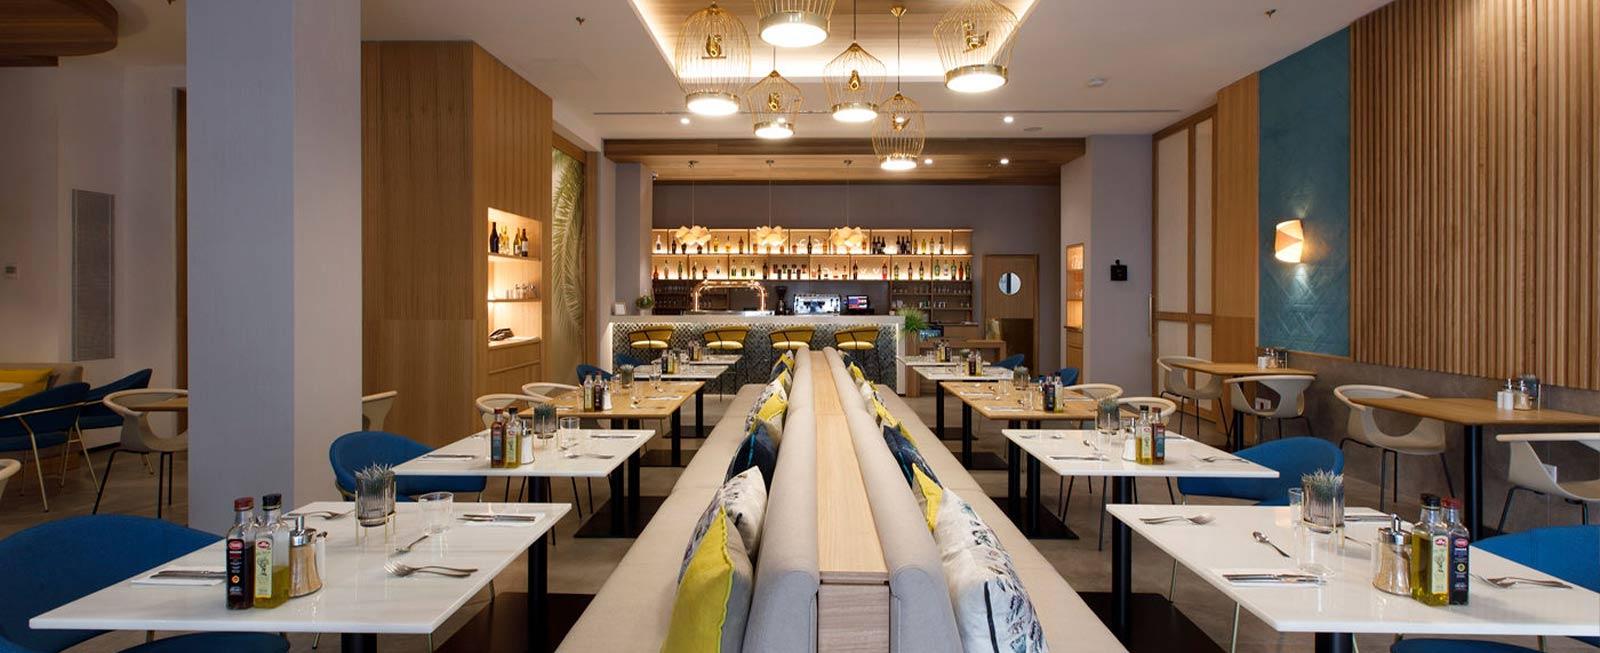 Cafetería Protur Naisa Palma